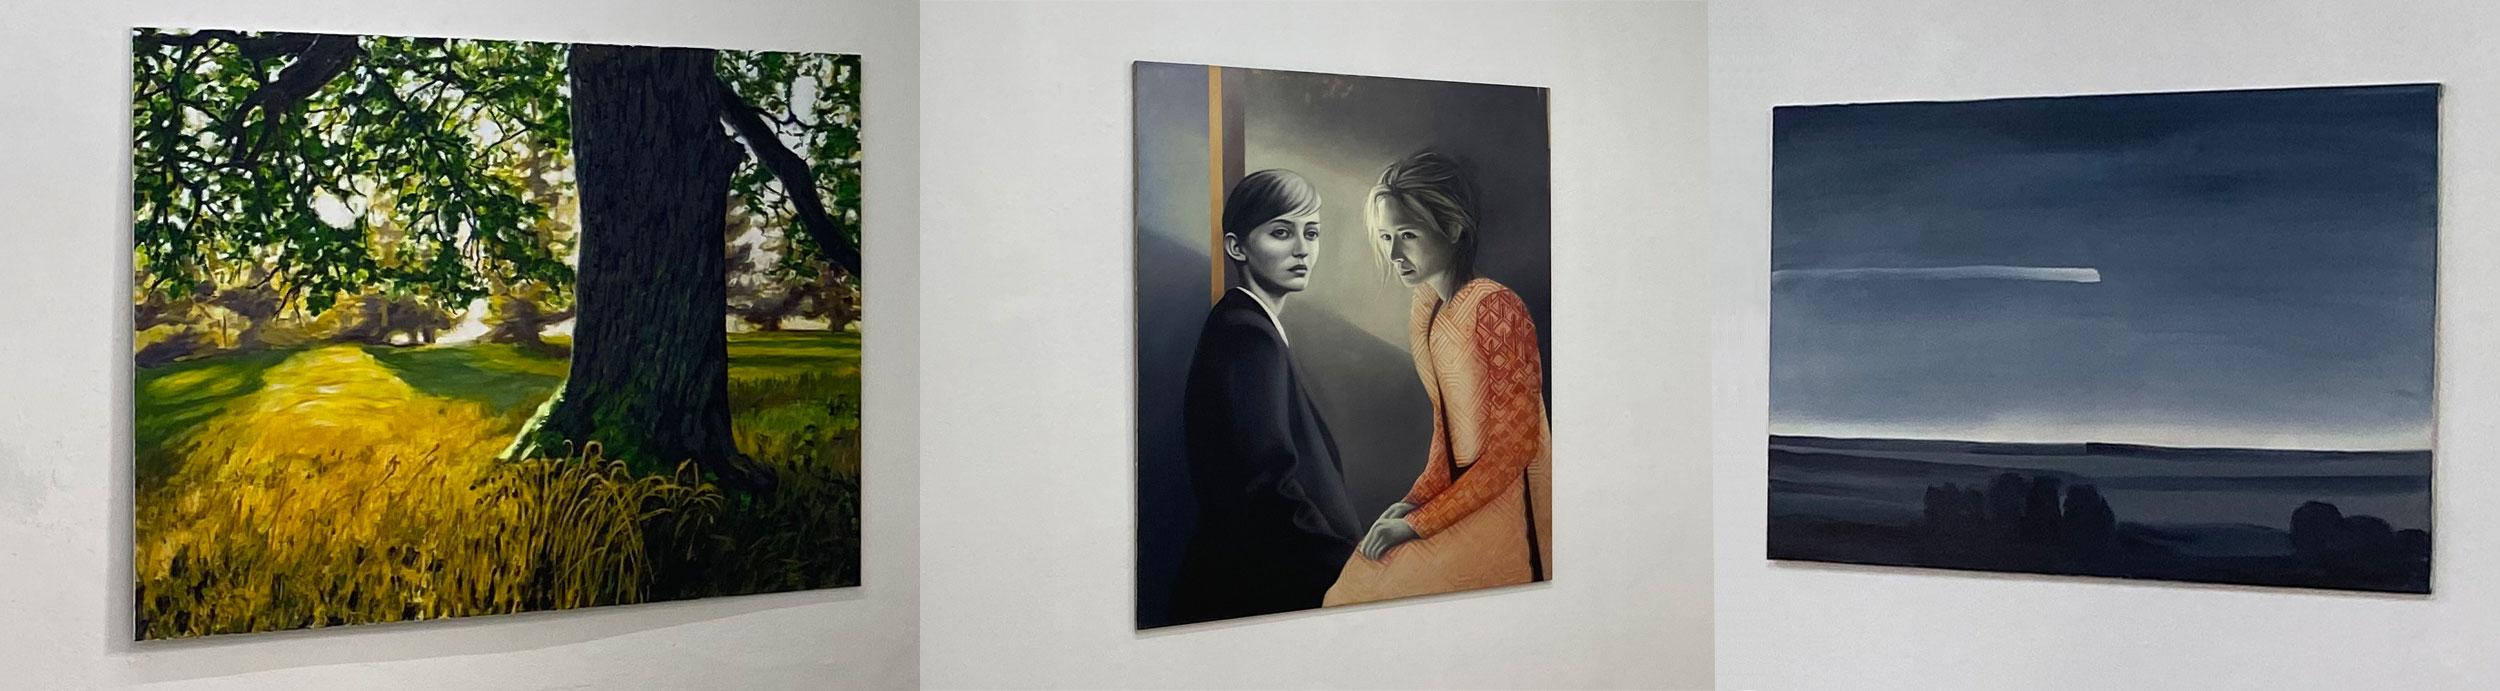 Zu sehen sind 3 unterschiedliche Bilder, die gemalte Wirklichkeit abbilden. Links ist eine sonnendurchflutete Wiese zu sehen, in der Mitte zwei Frauen und ganz rechts eine nächtliche Landschaft mit einem Kometen.